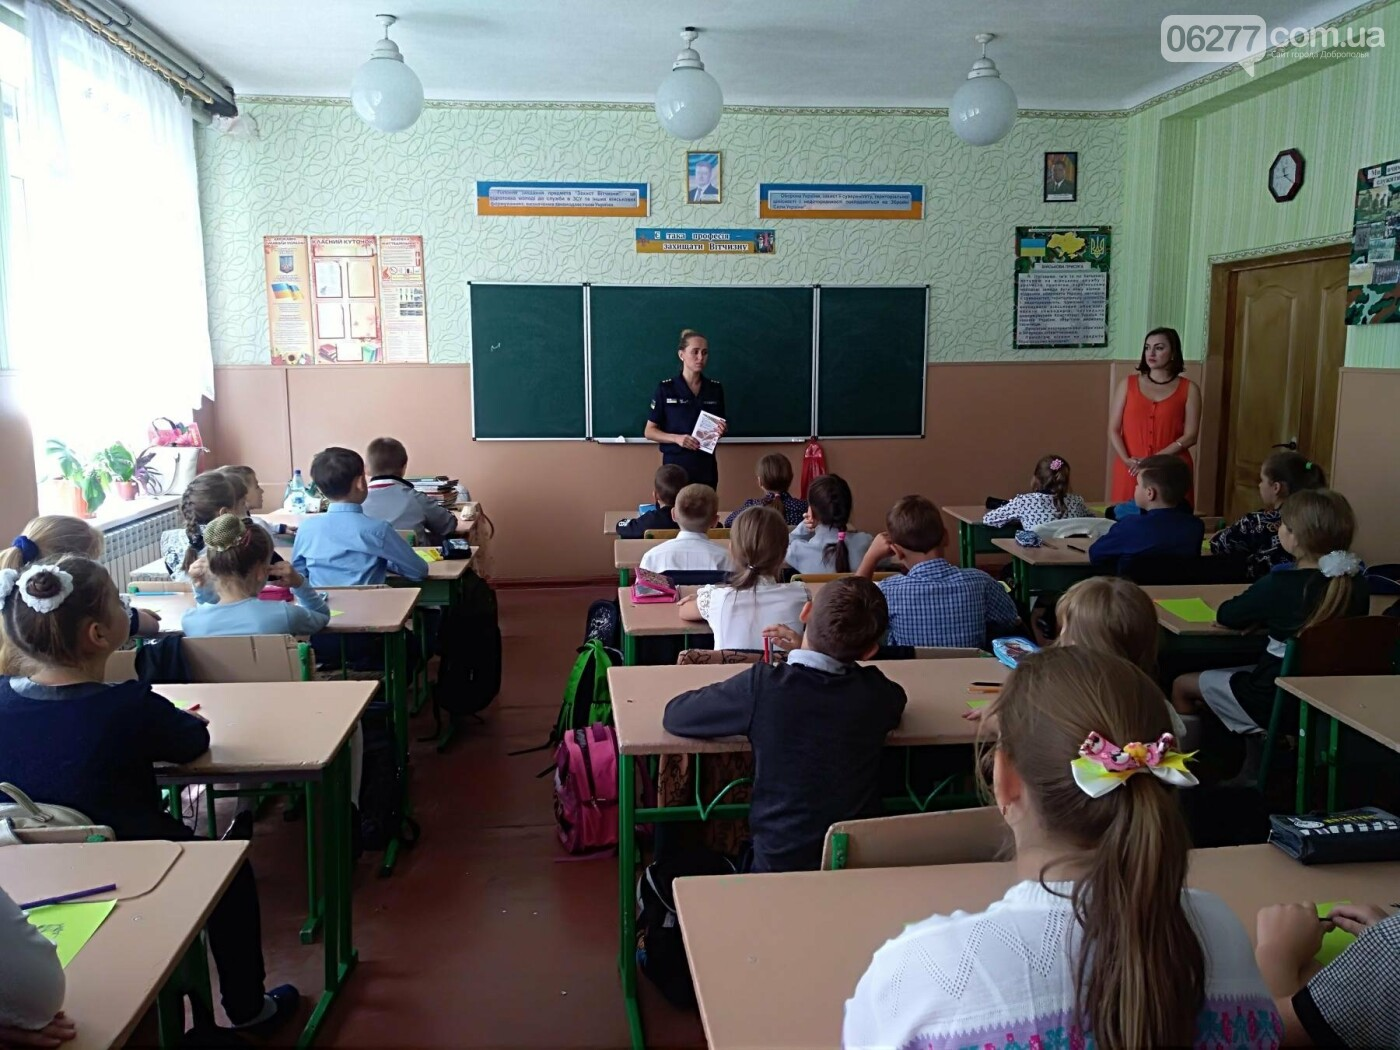 Рятувальники Добропільщини продовжують  проводити зі школярами заняття з мінної безпеки, фото-2